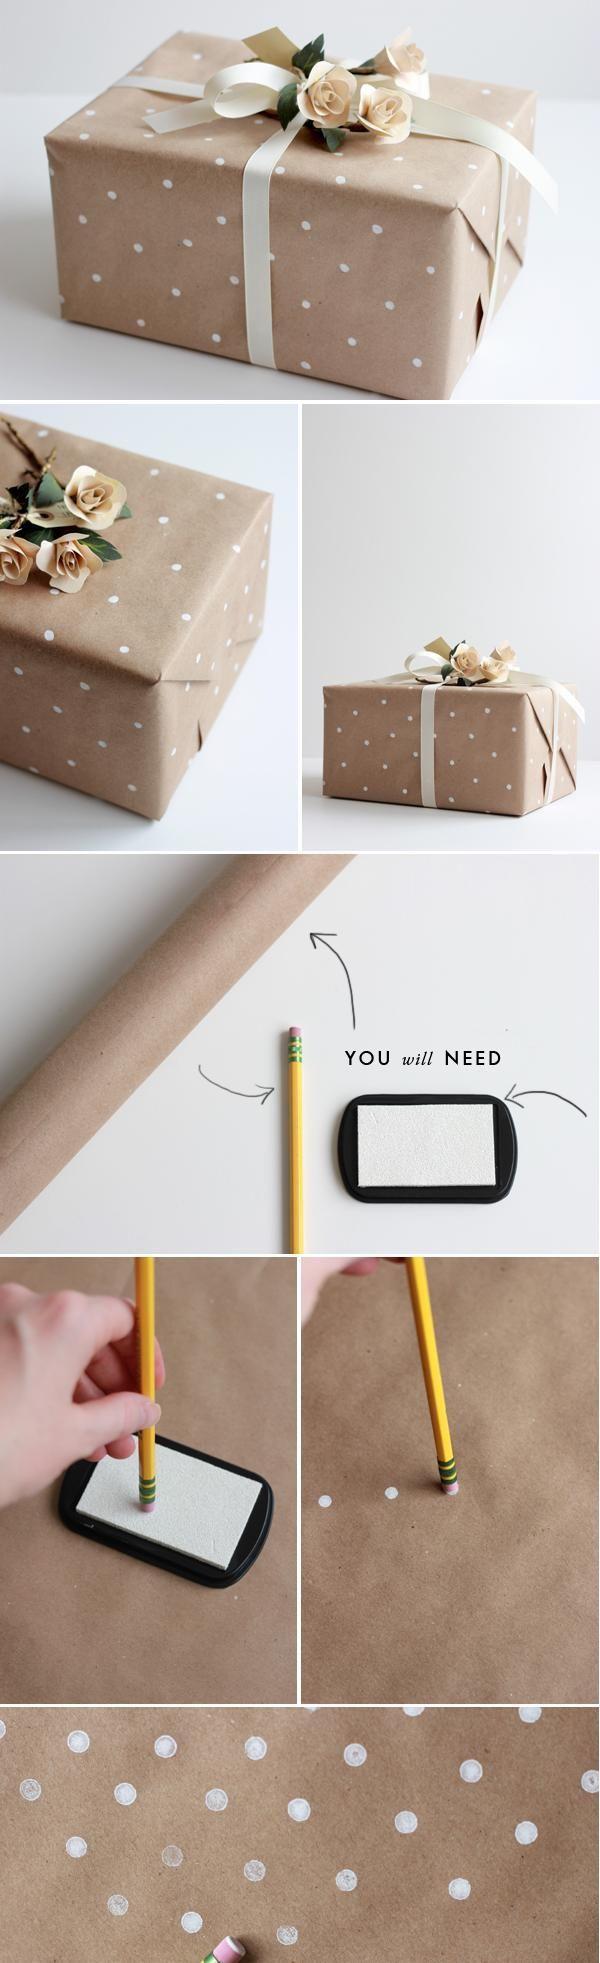 Idea per creare una carta da regalo a pois economica